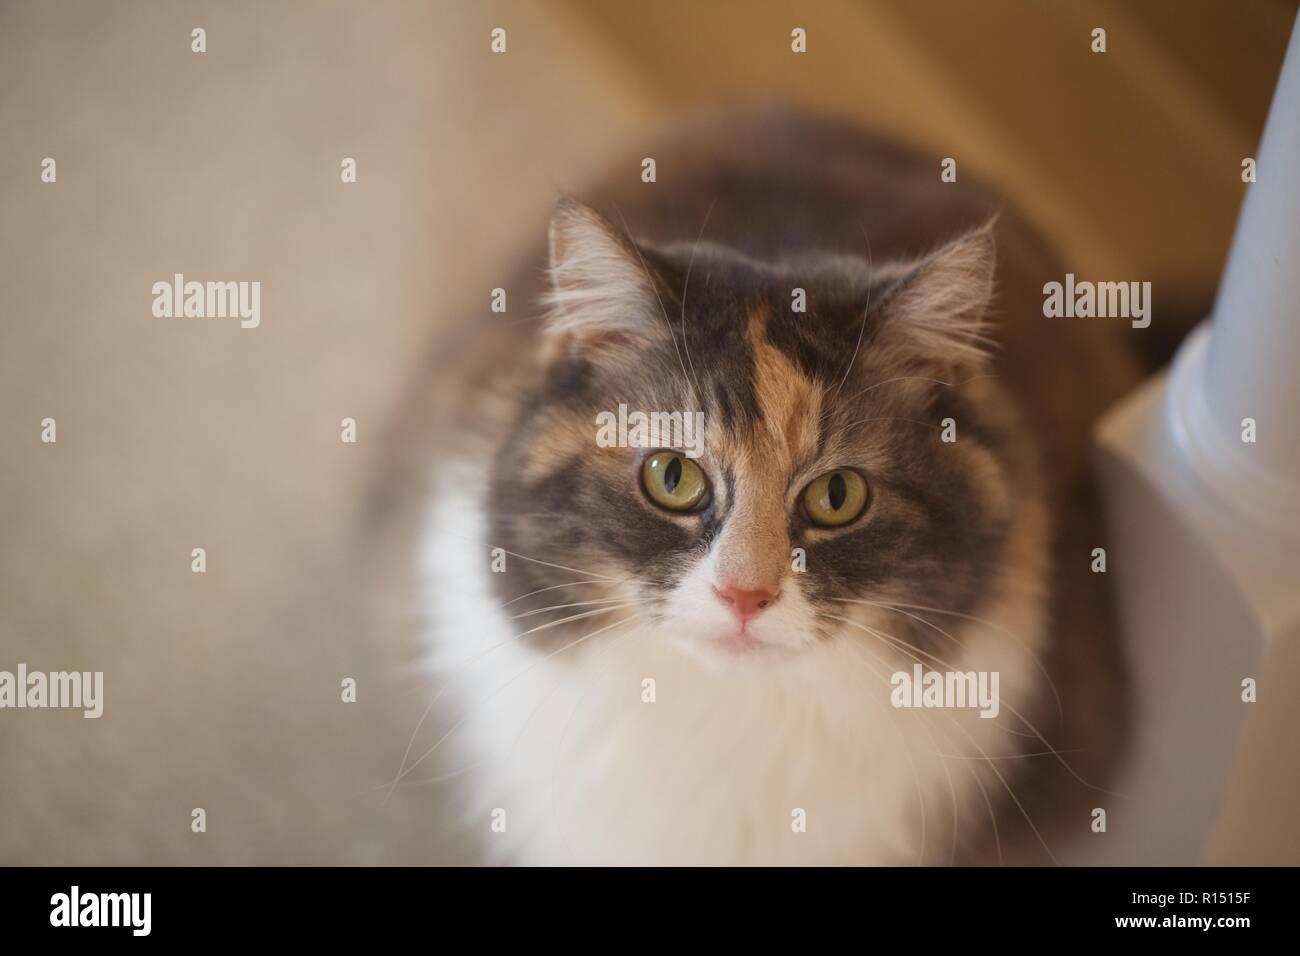 Oscuro, Ojos de Gato mirando a la lente de la cámara. Imagen De Stock